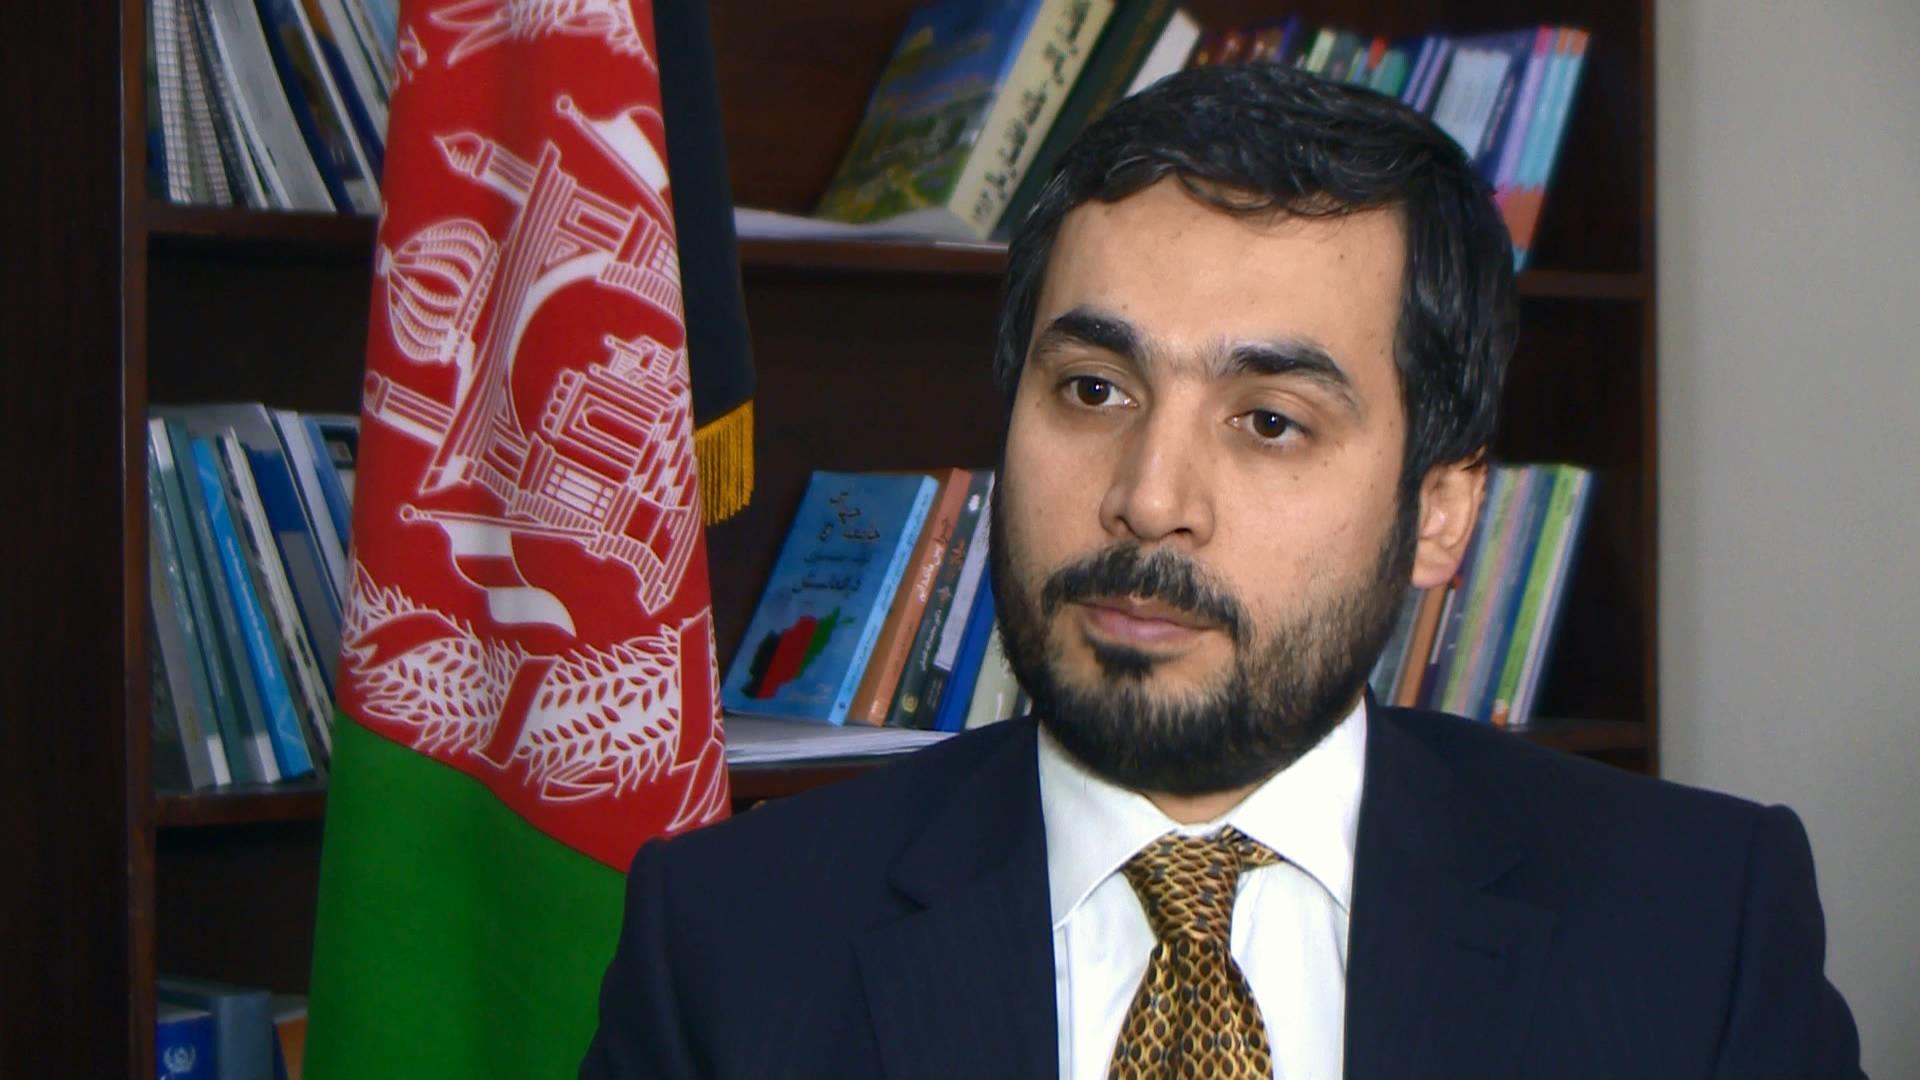 صبغت الله احمدی، سخنگوی وزارت امور خارجه افغانستان